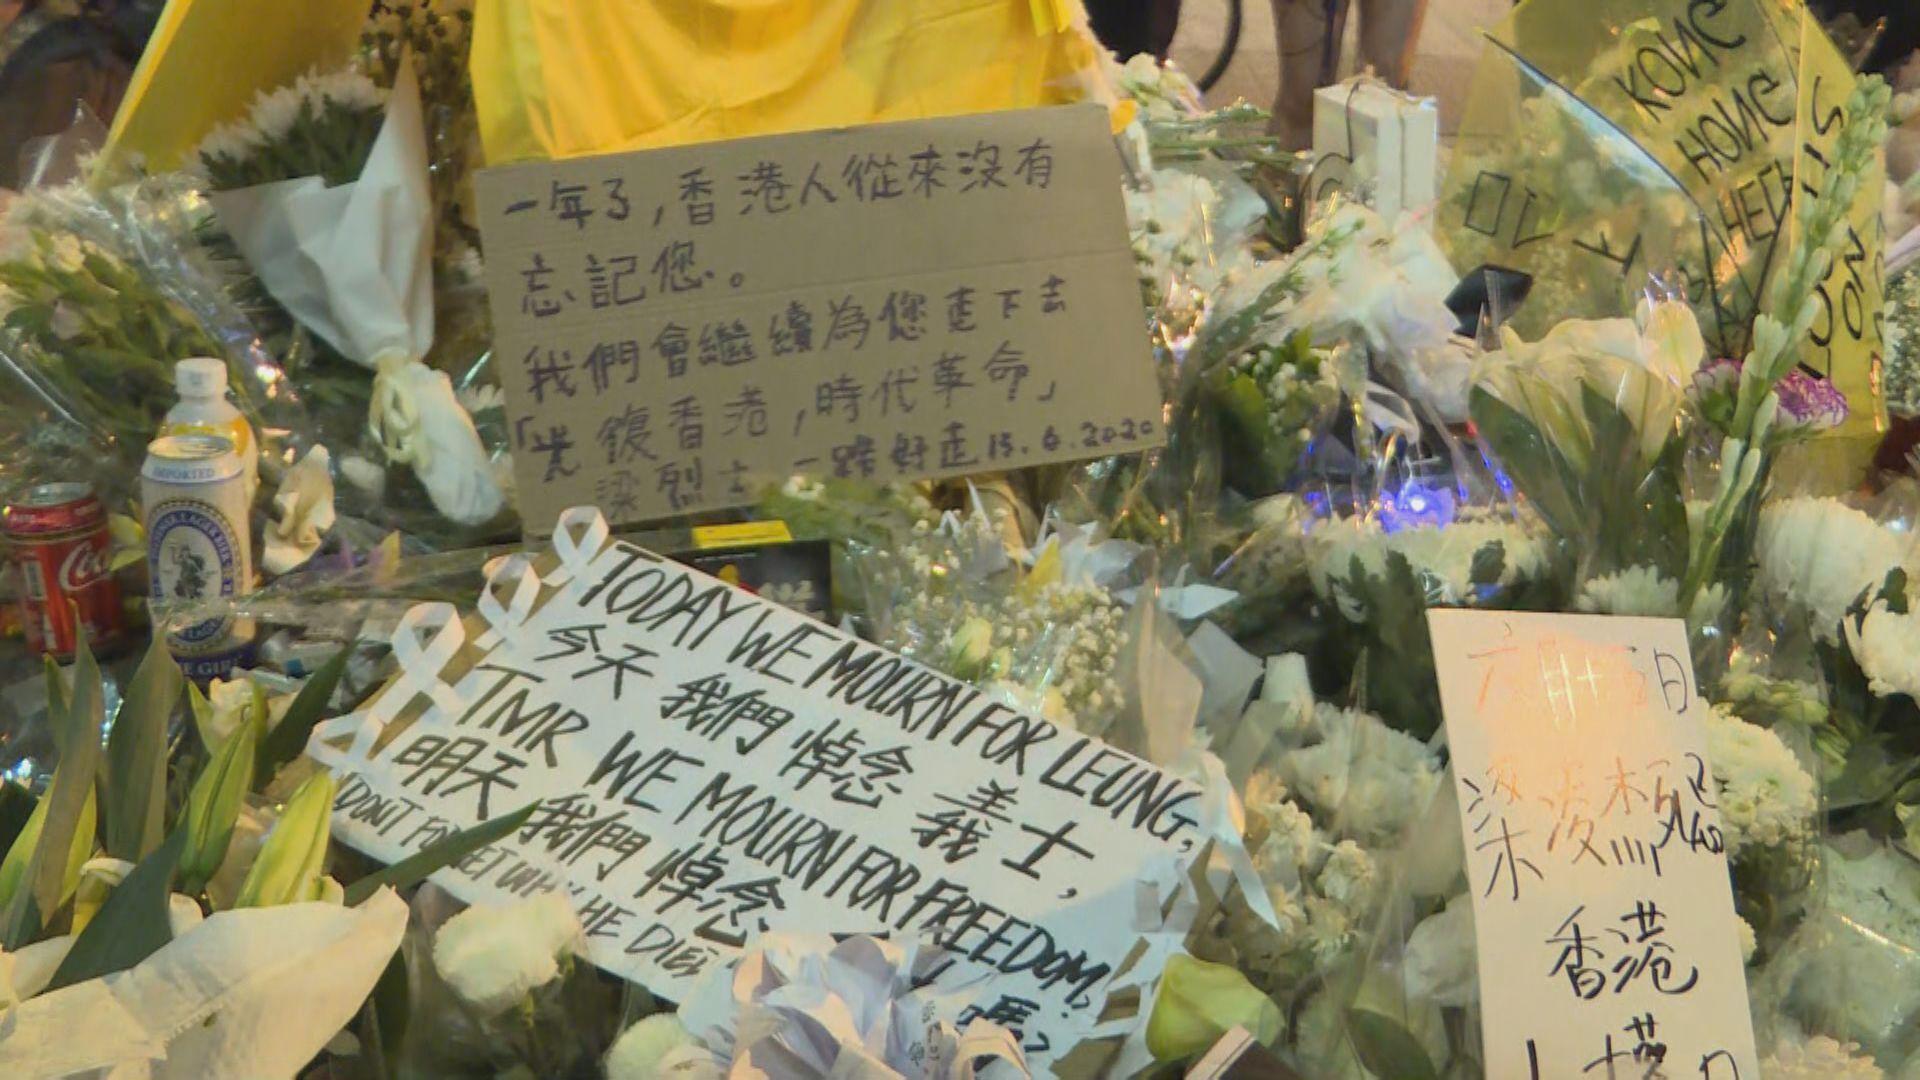 大批市民於金鐘太古廣場及屯門西鐵站外悼念梁凌杰